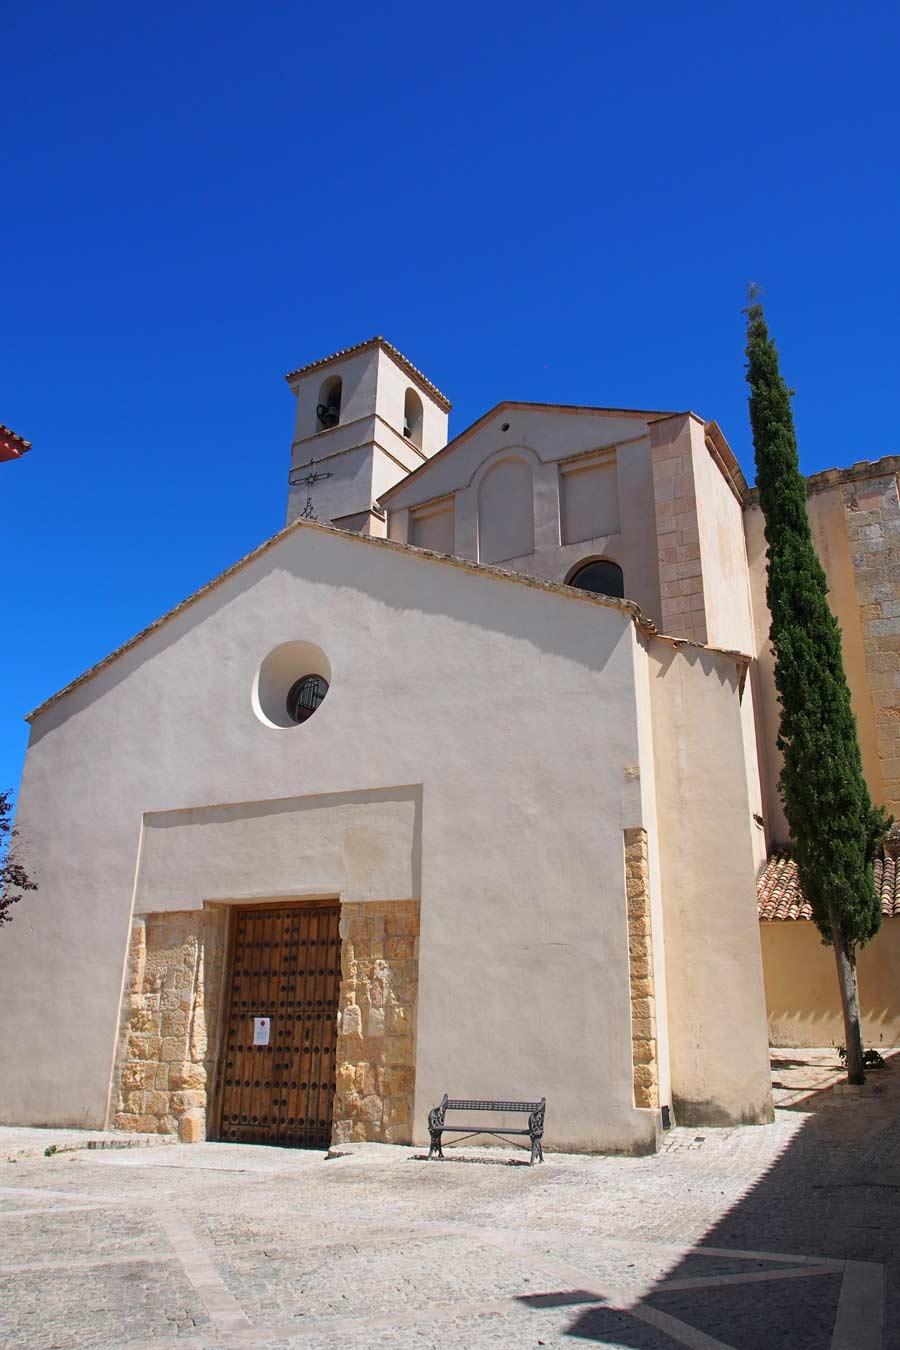 Iglesia de Nuestra Señora de la Encarnación, Setenil de las Bodegas